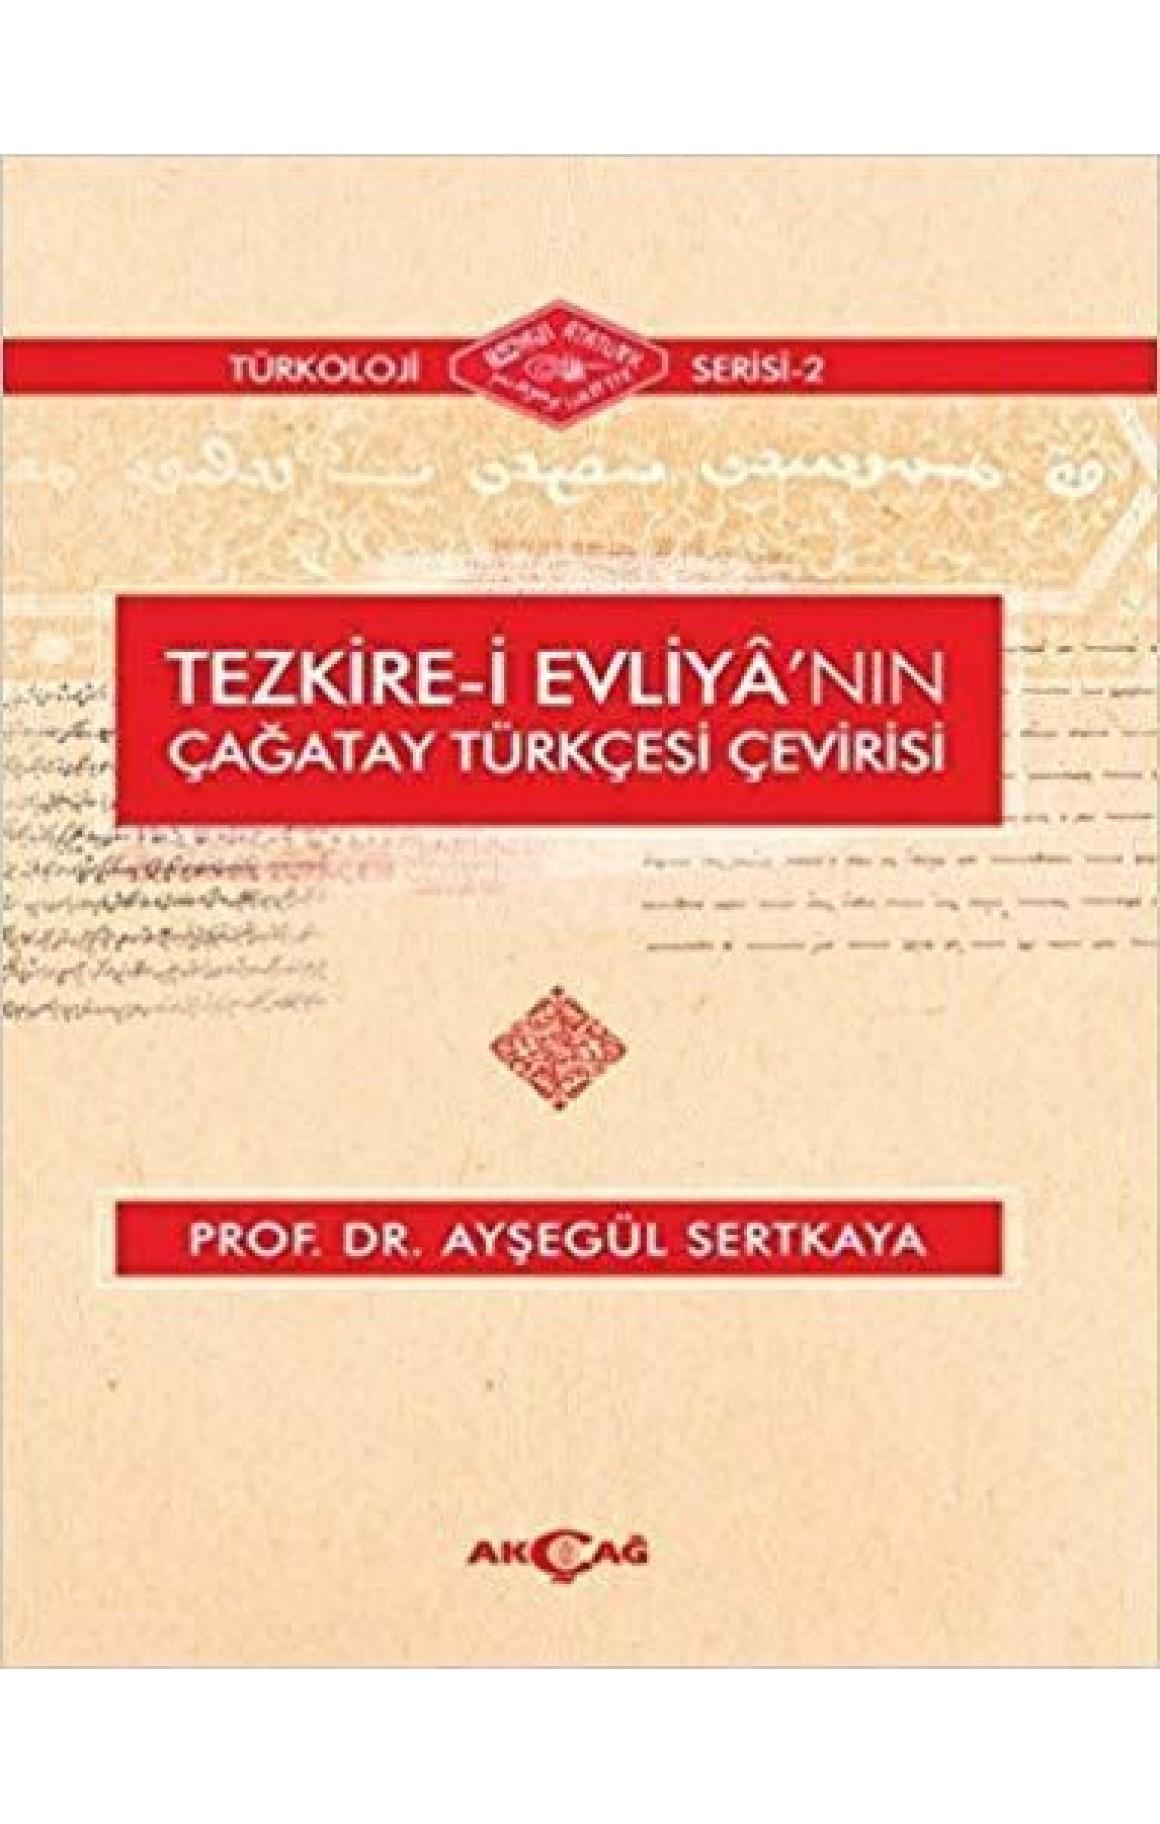 Tezkire-i Evliyanın Çağatay Türkçesi Çevirisi